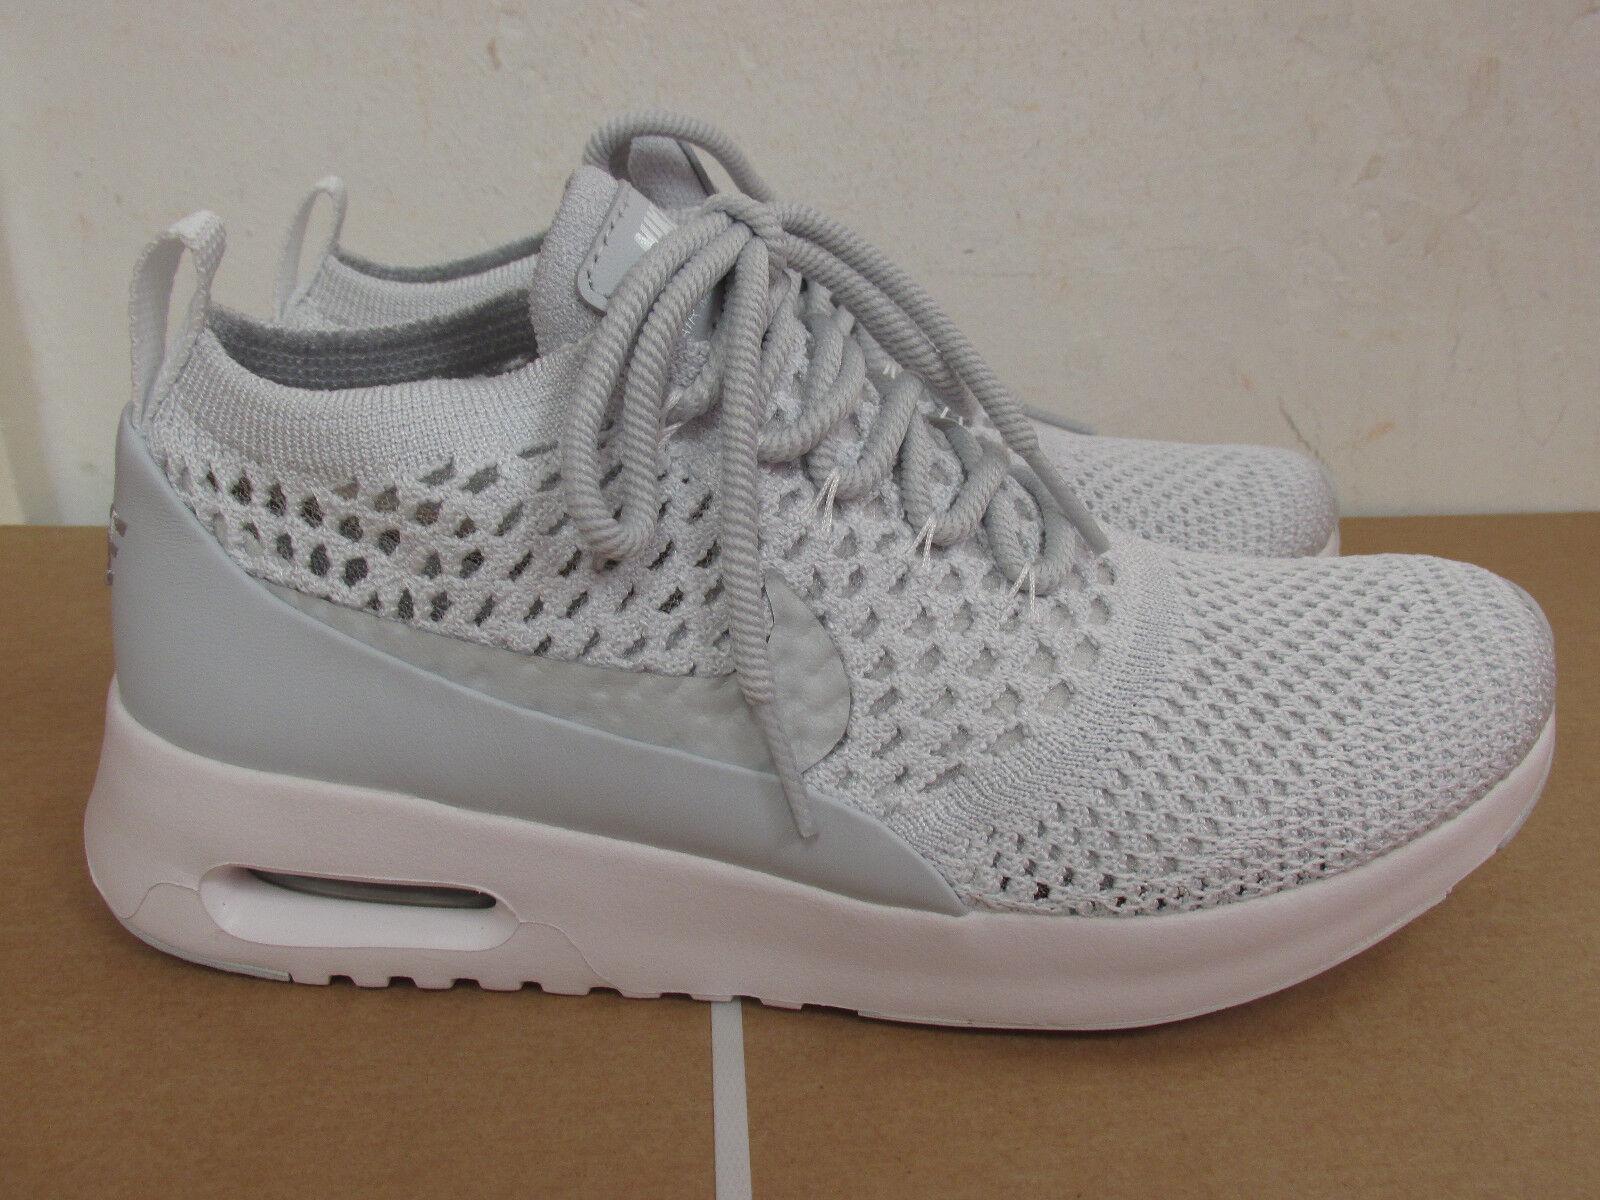 Donne 881175 Thea Scarpe 002 Air Nike Max Ultra Fk 3LqR4j5A